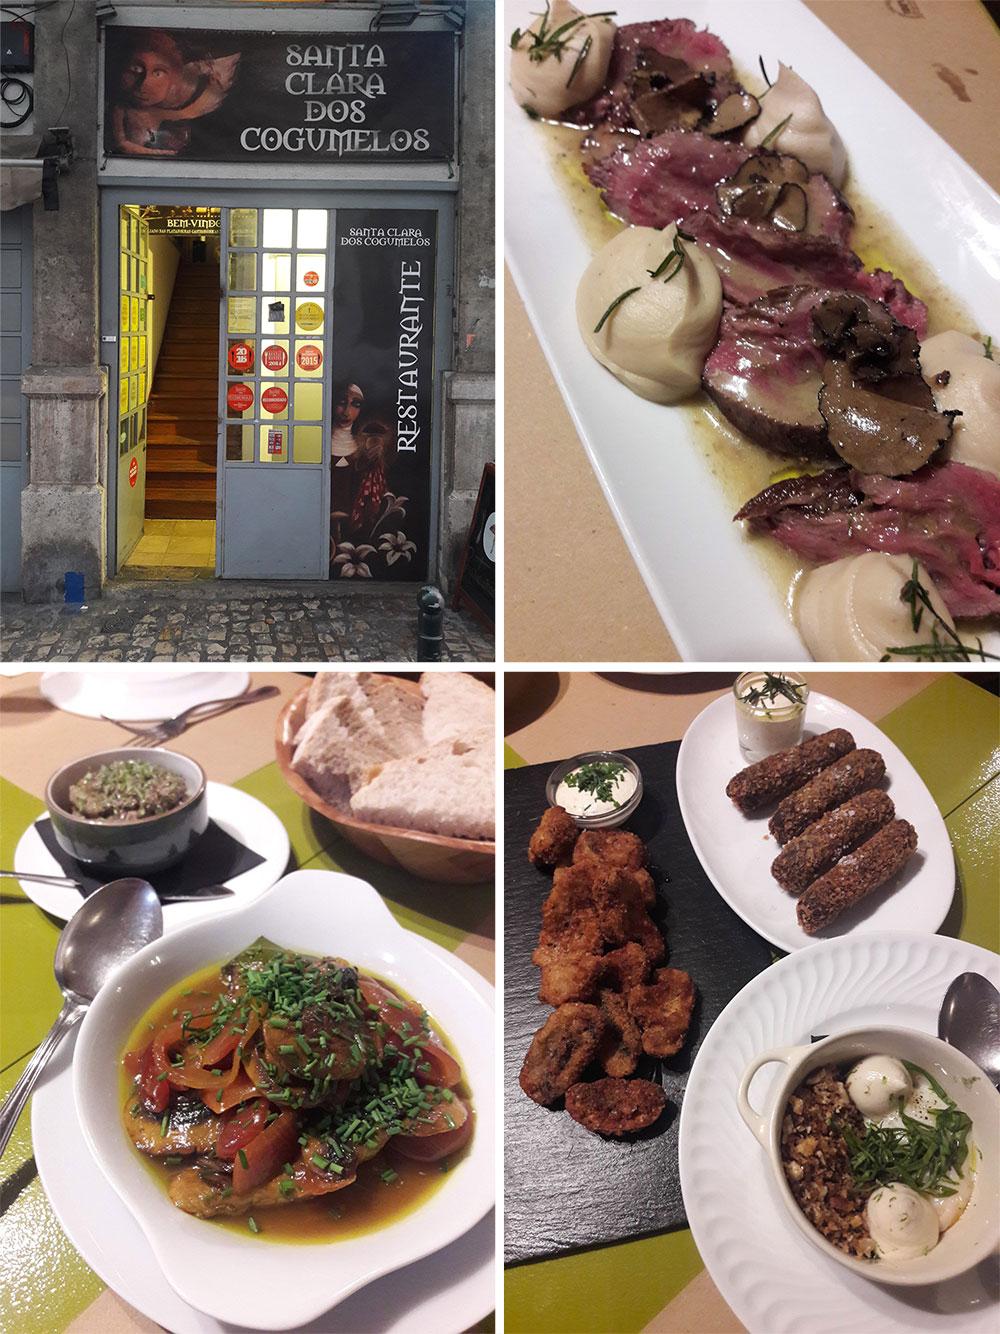 santa clara dos cogumelos. Restaurant in Lisbona